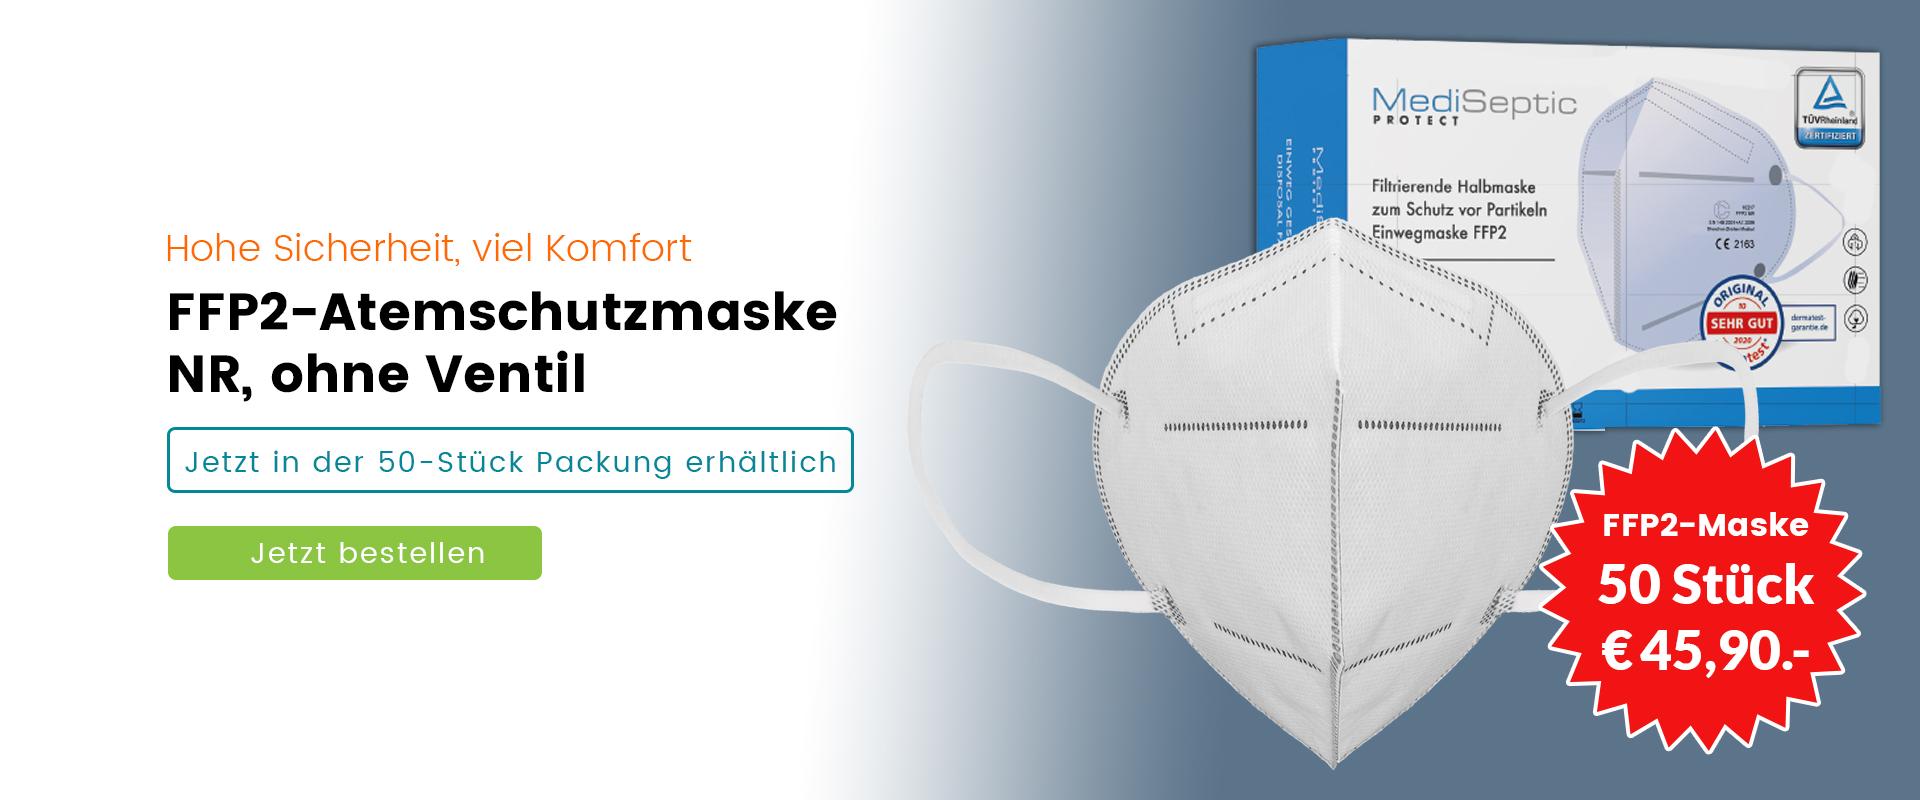 FFP2 Maske - 50 Stück Packung